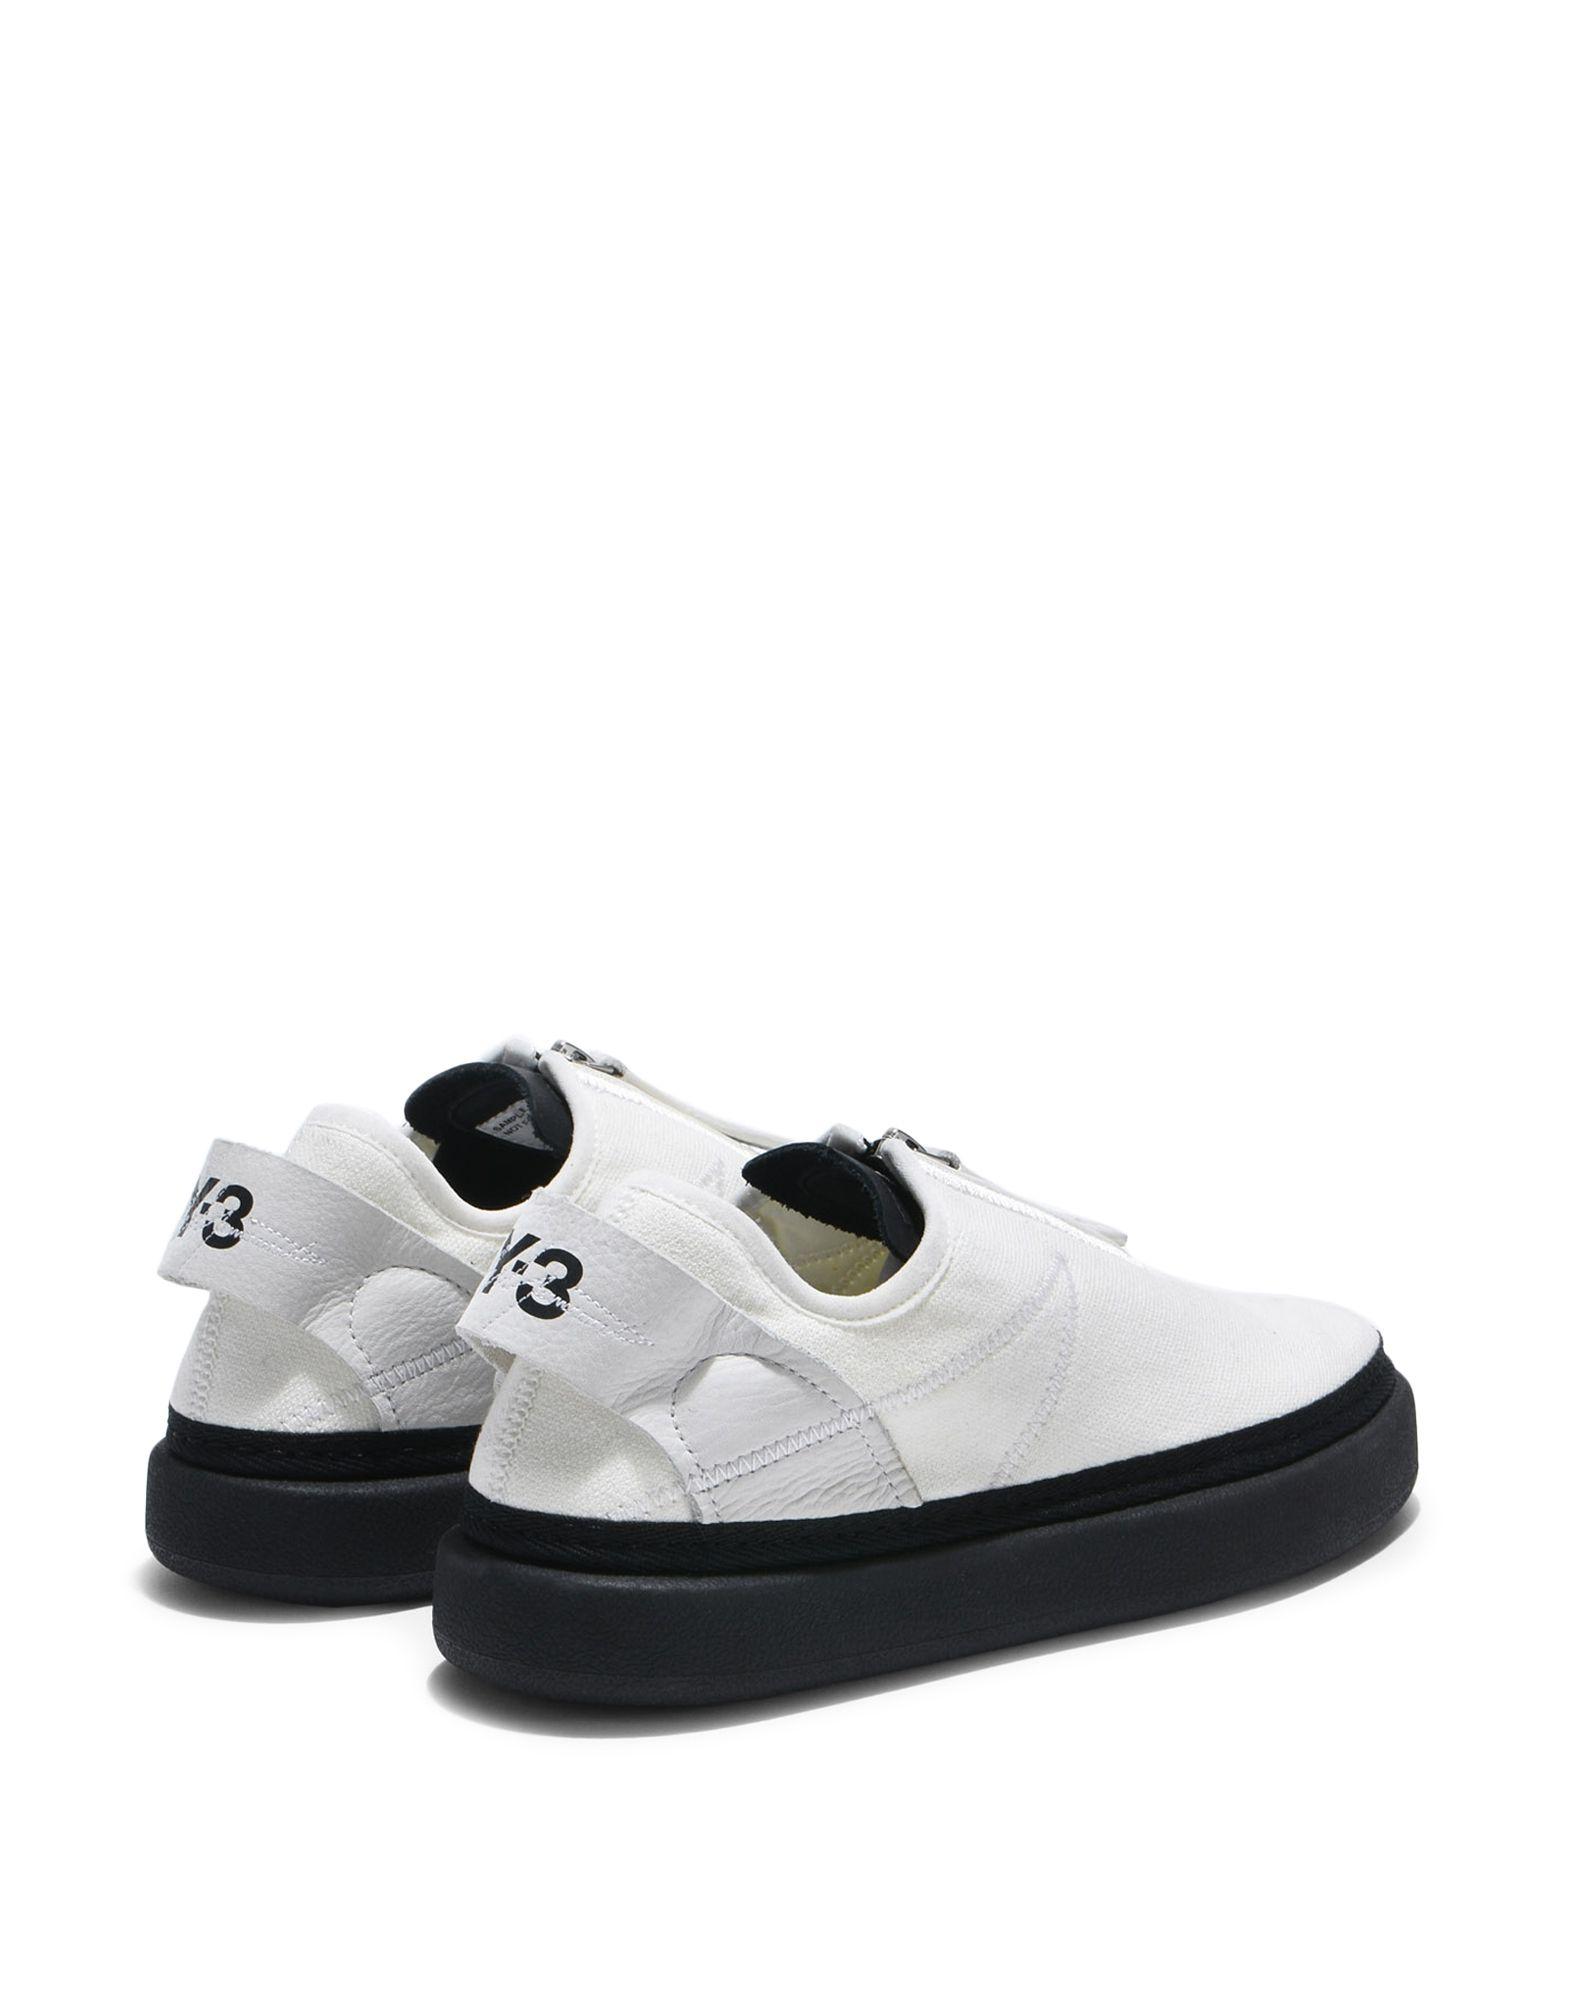 Y-3 Y-3 Comfort Zip Sneakers Damen c